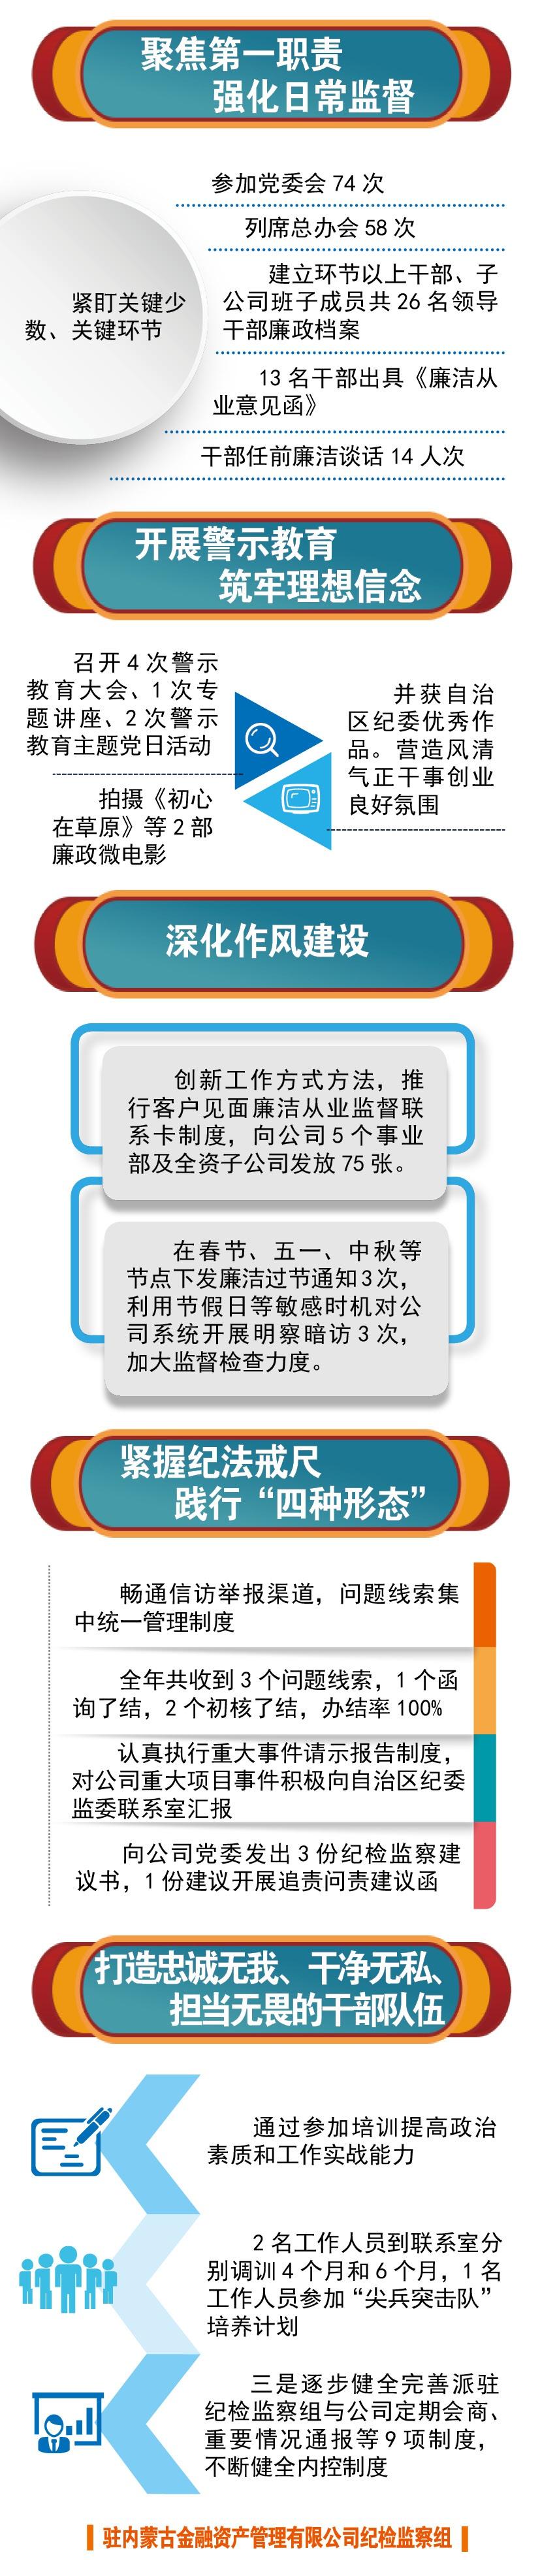 驻内蒙古金融资产管理有限公司纪检监察组2020年成绩单